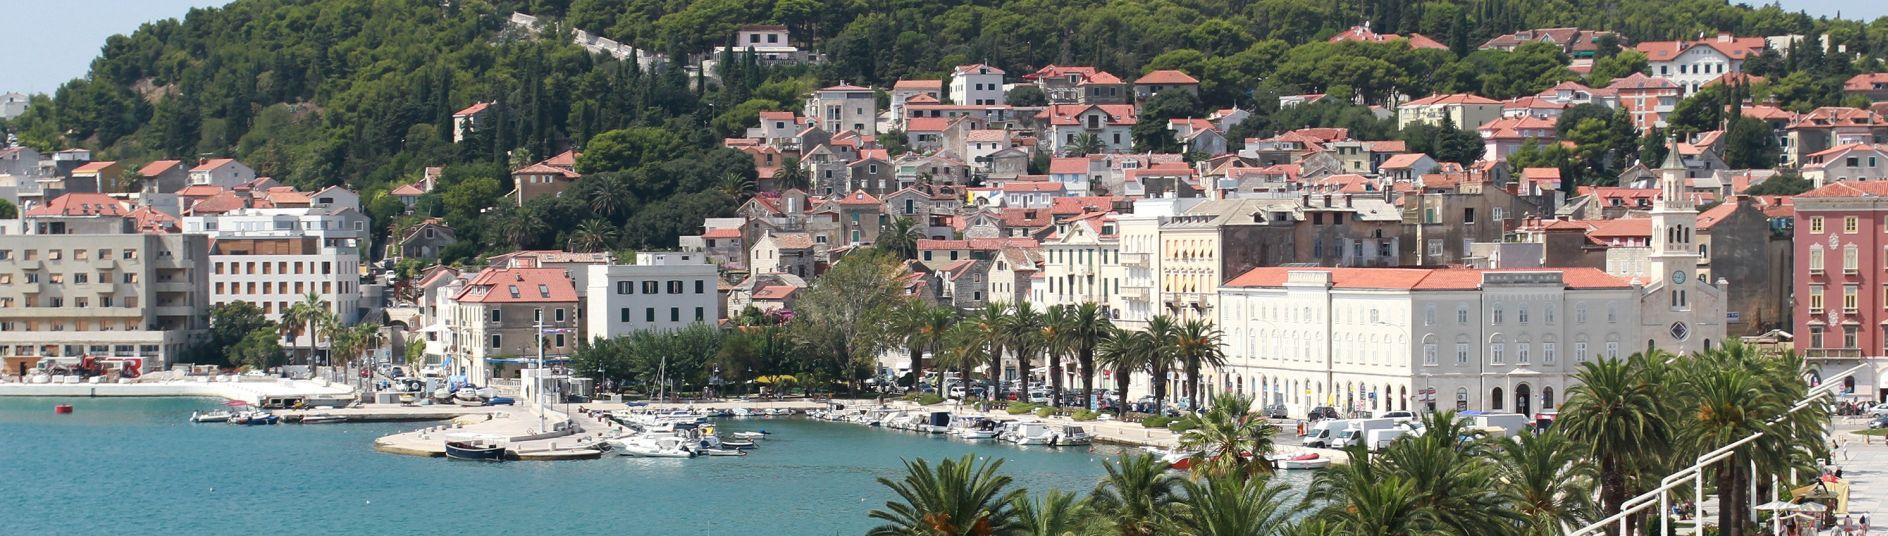 VIDEO: Proletimo iznad lijepih hrvatskih gradova